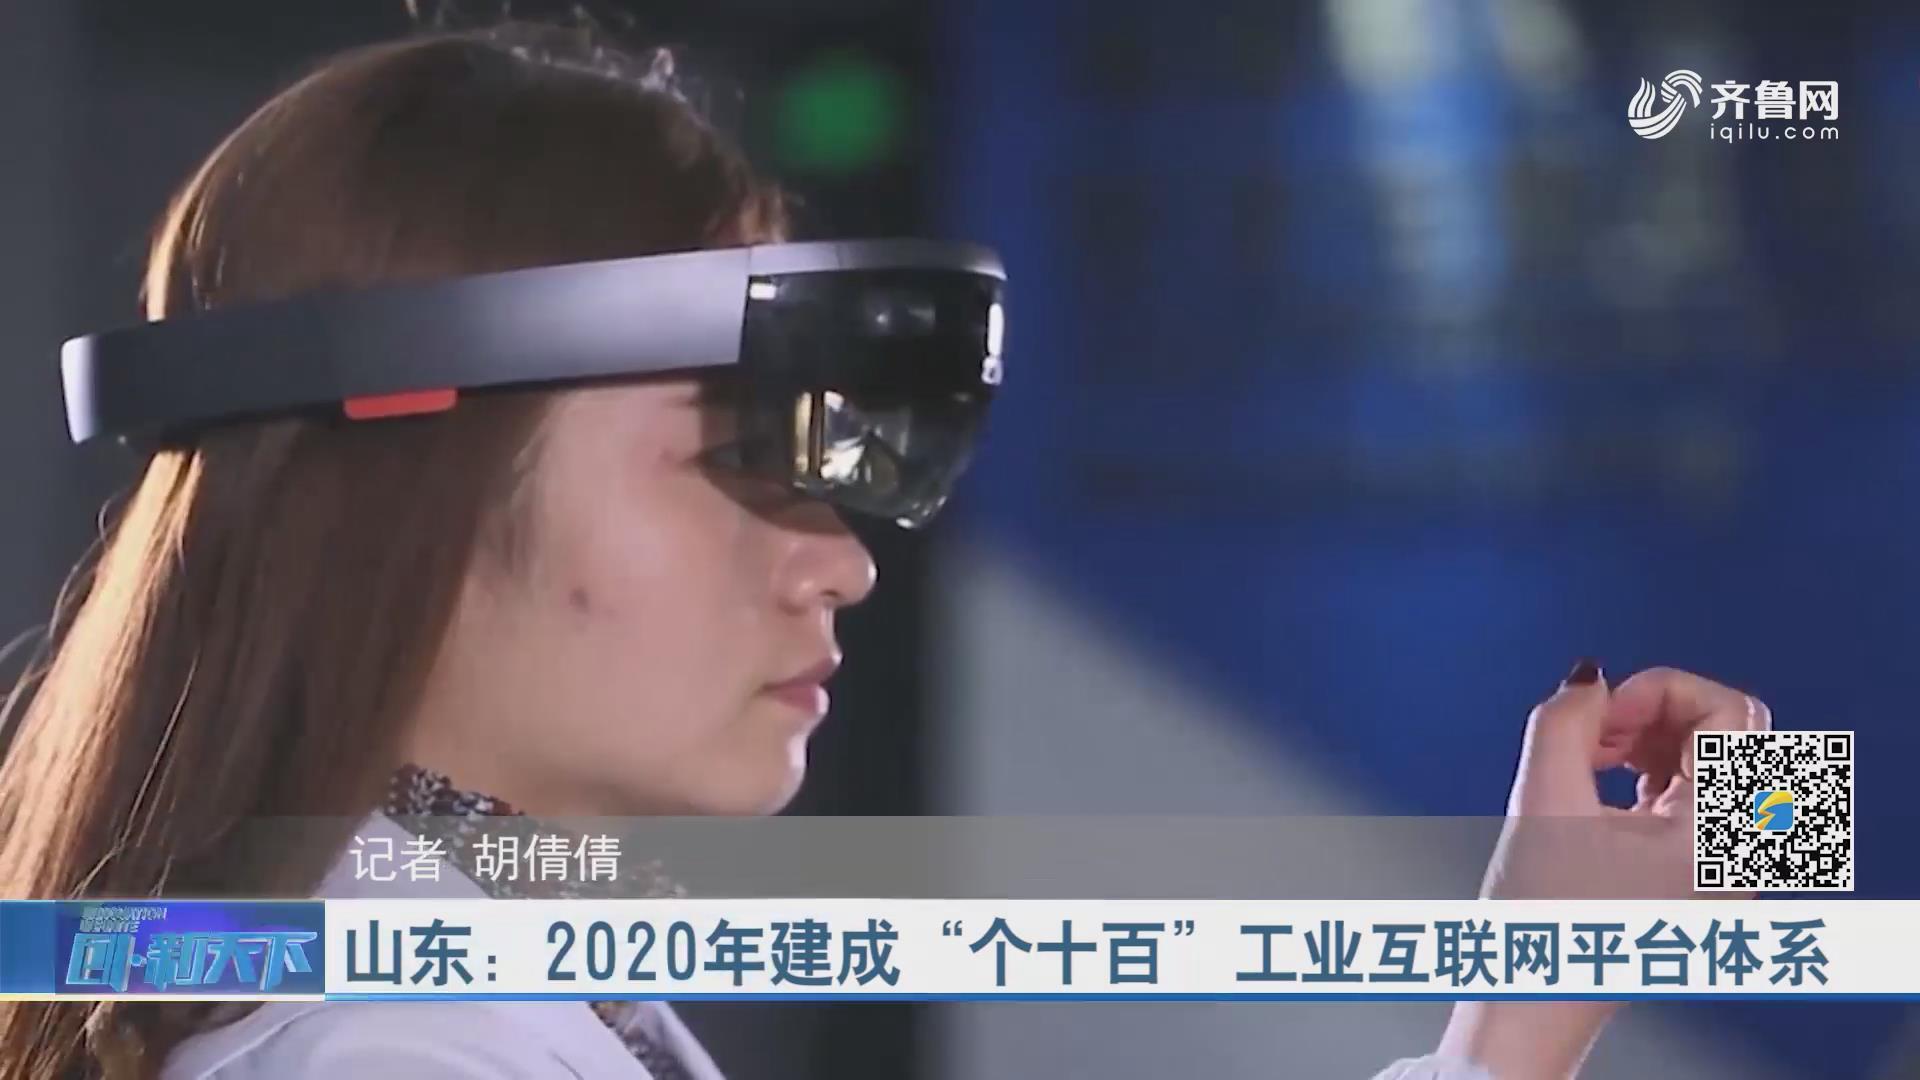 """山东:2020年建成""""个十百""""工业互联网平台体系"""